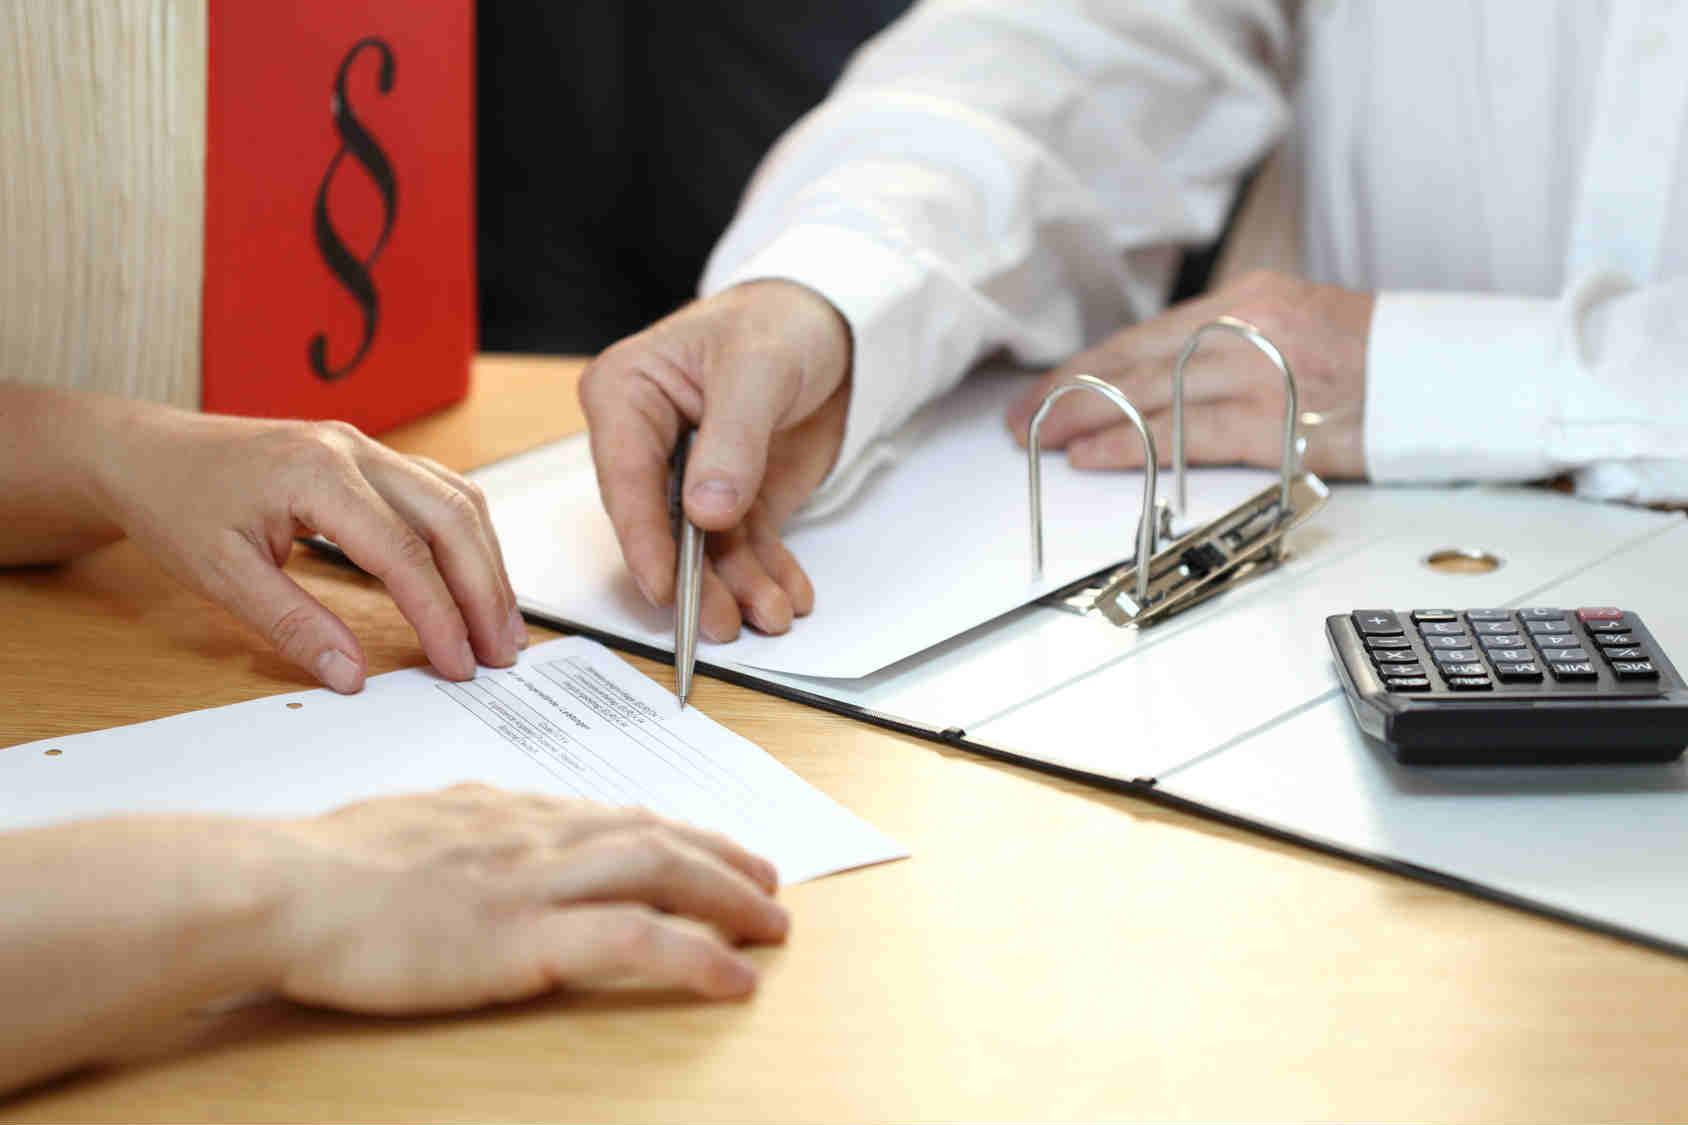 Верное решение по потребительскому кредиту 2015